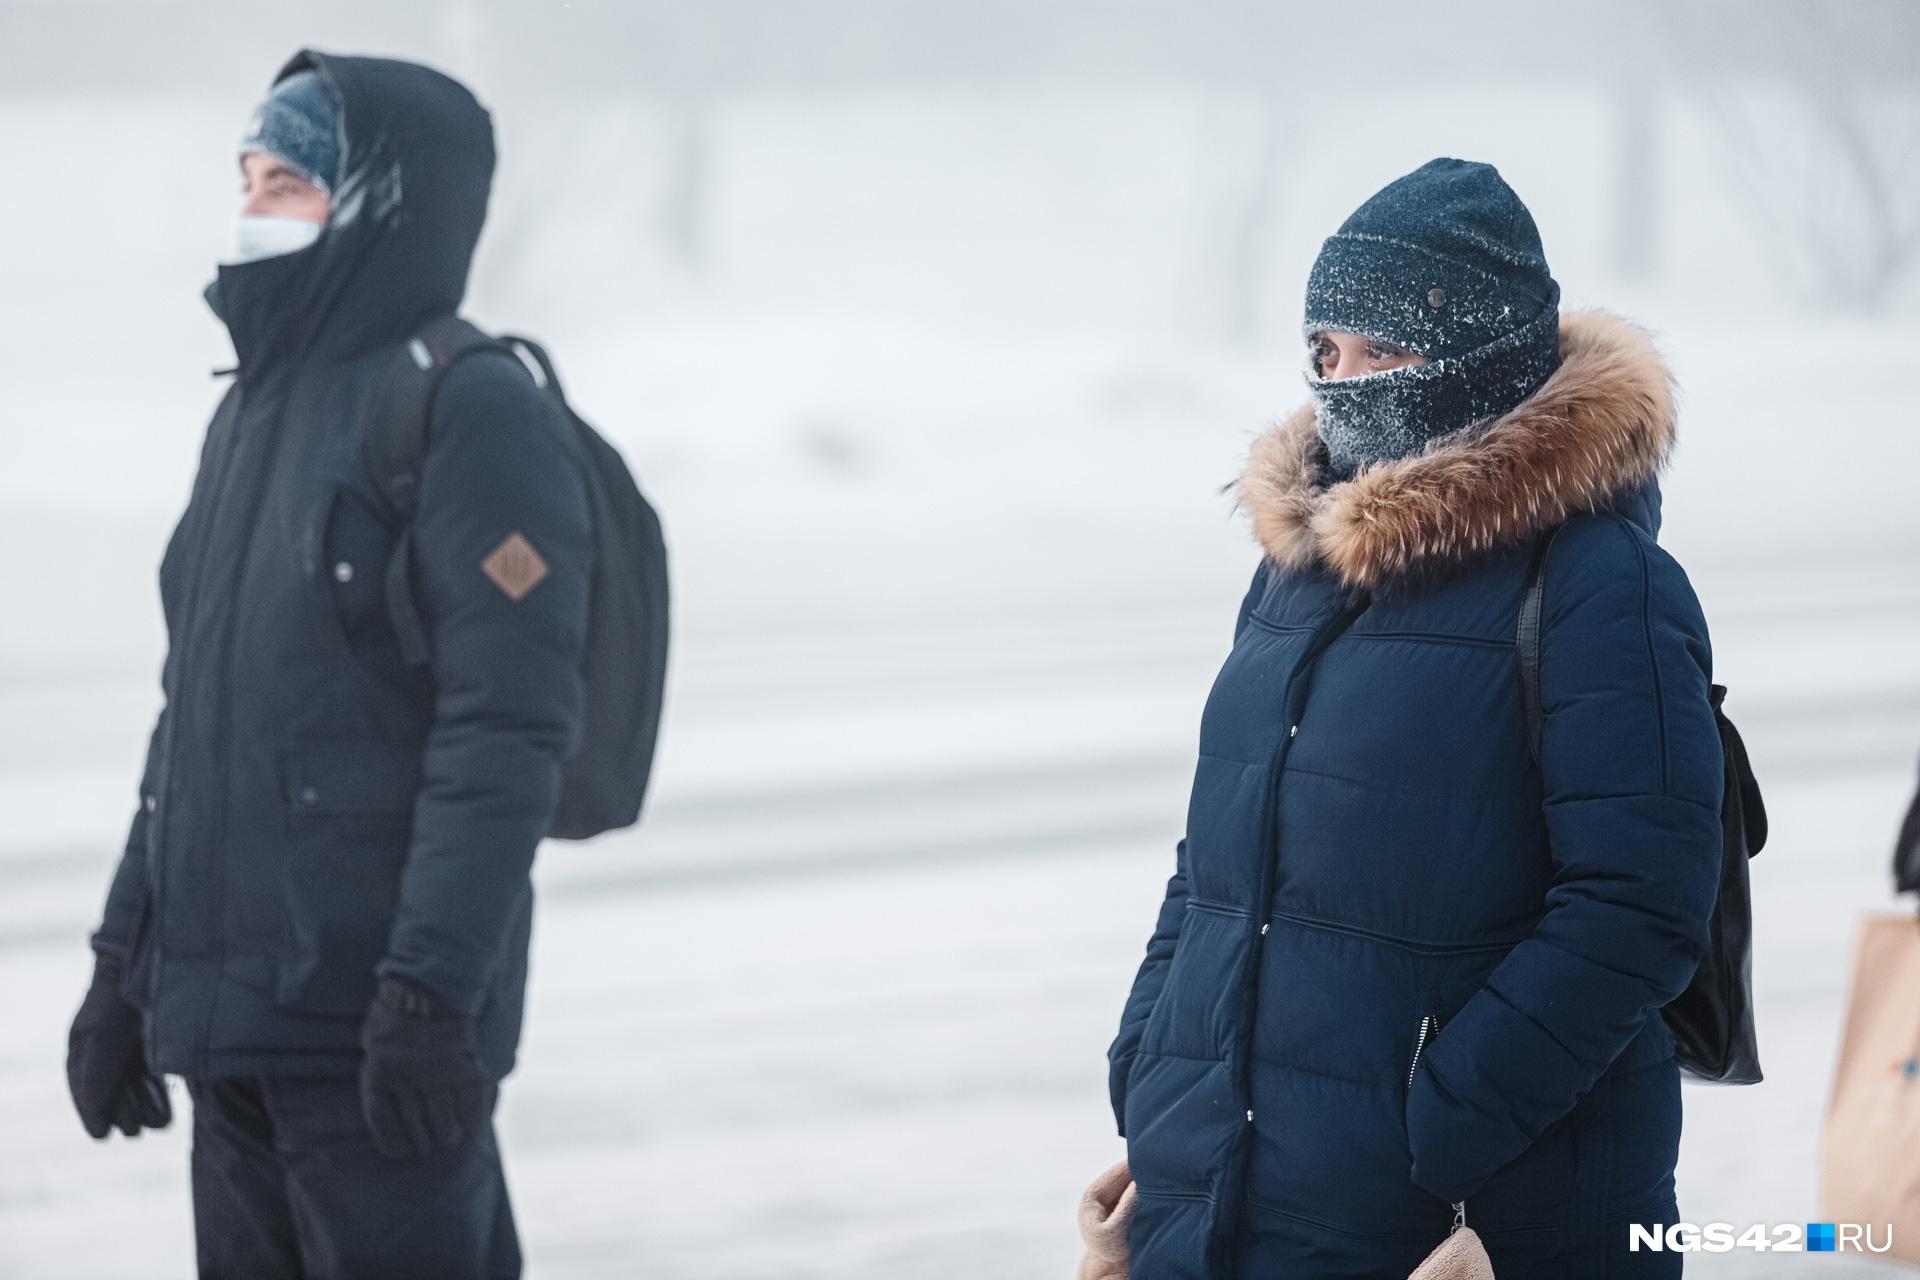 Медики советуют одеваться многослойно, чтобы не получить обморожение